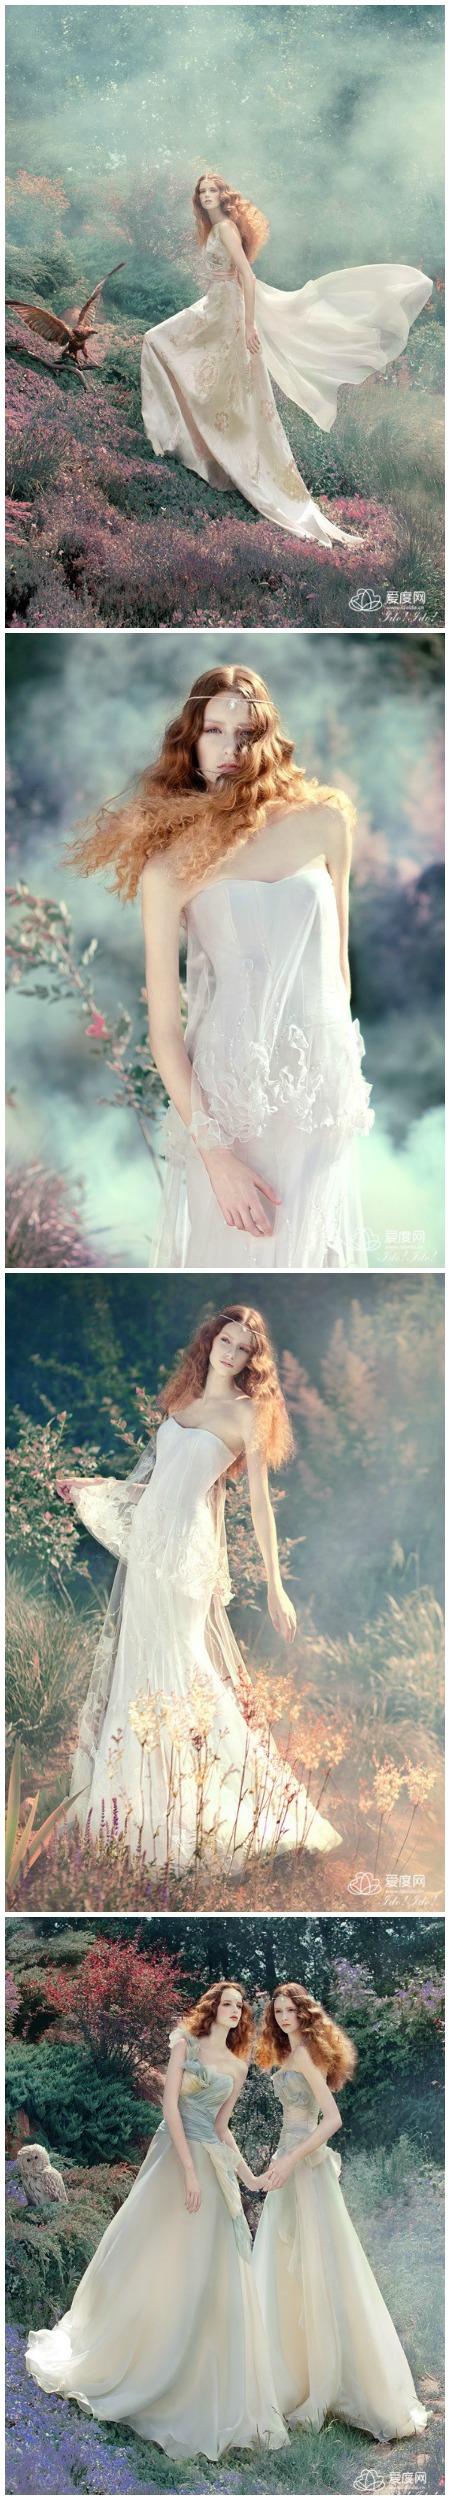 婚紗拍攝風格系列-幽美魔幻的童話世界